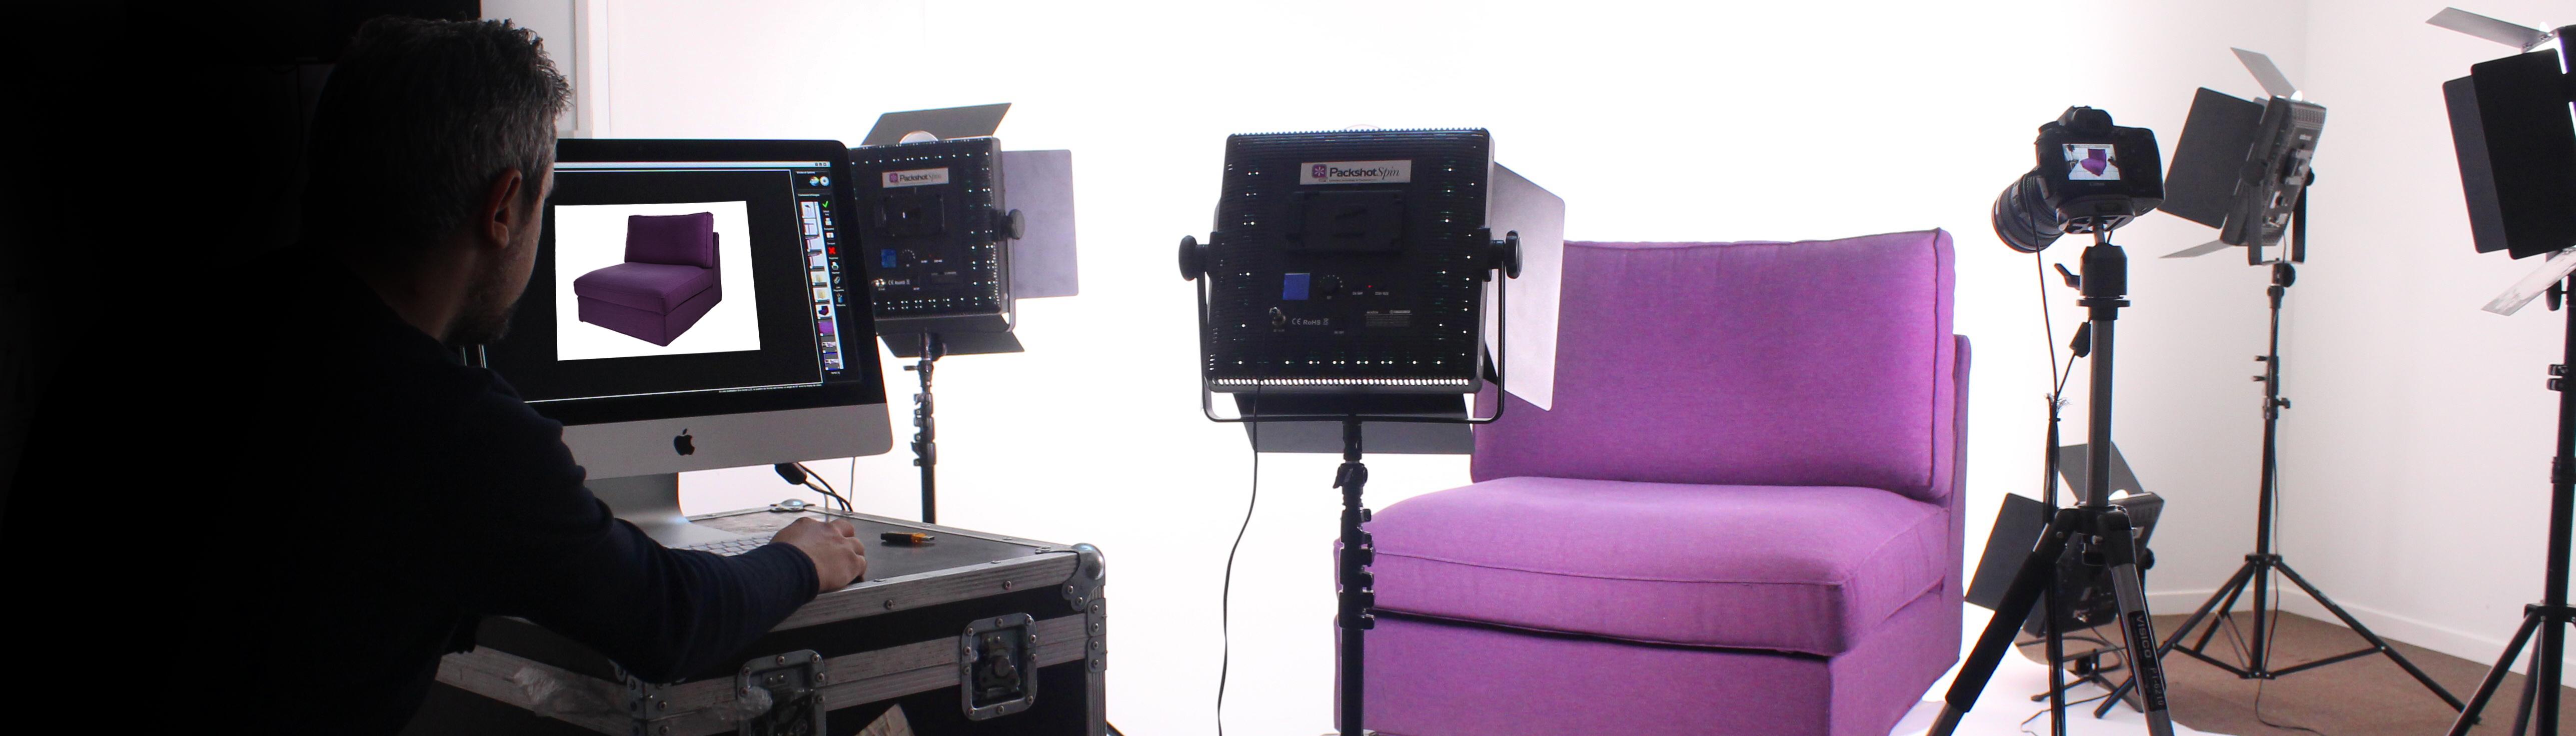 Fotografeer meubels en decoratie met packshot creator